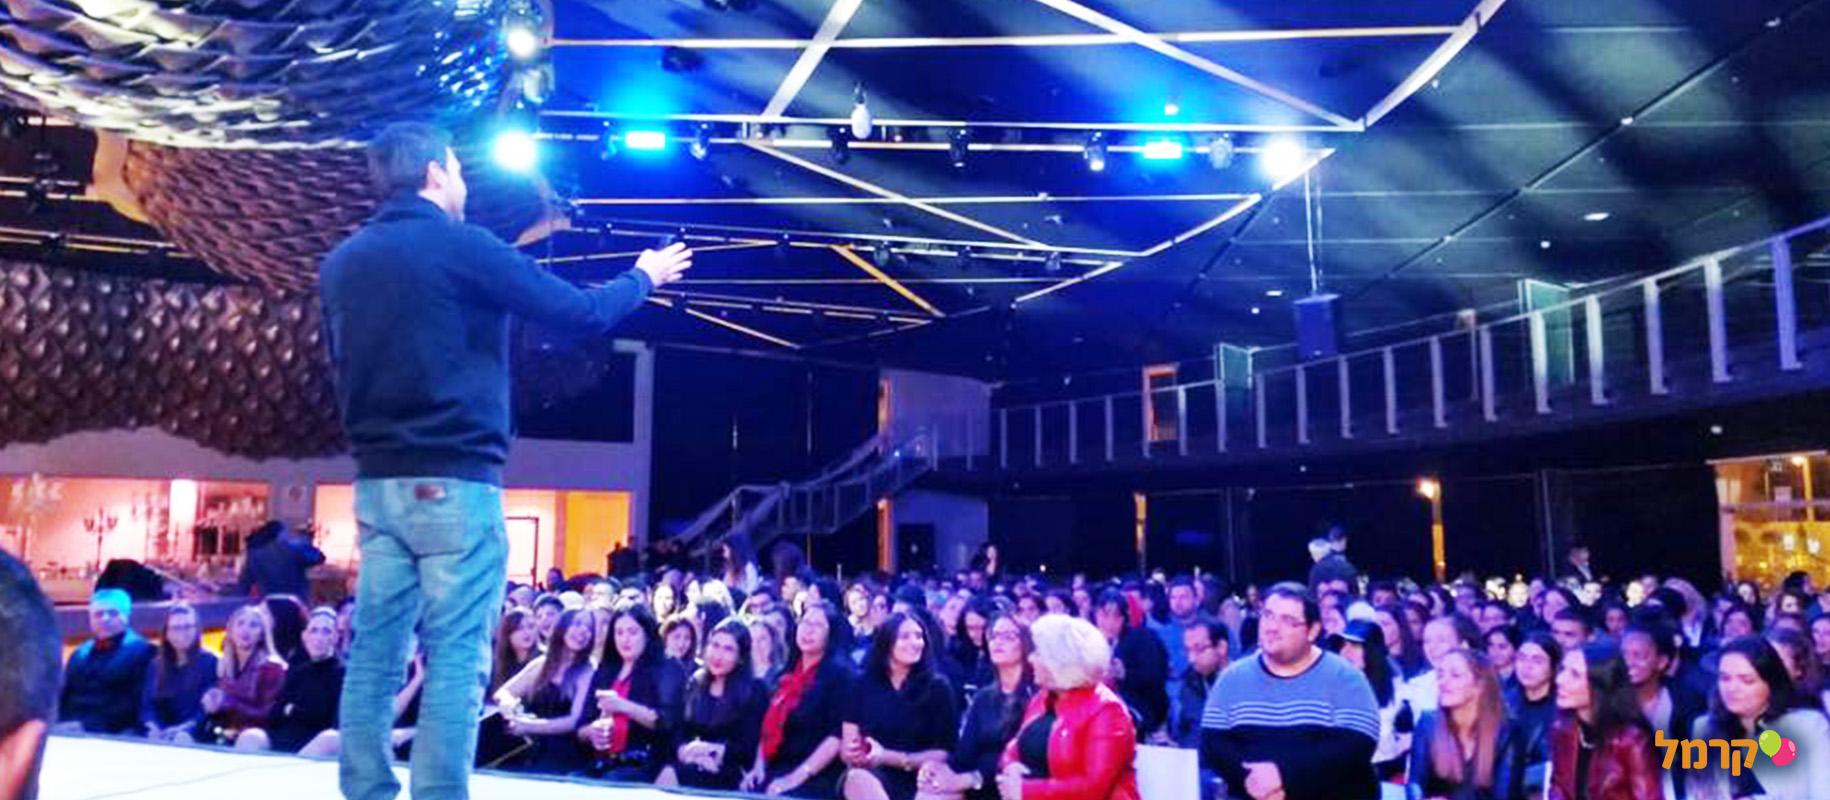 אייל נרדי במופע בידור אישי - 073-7026522